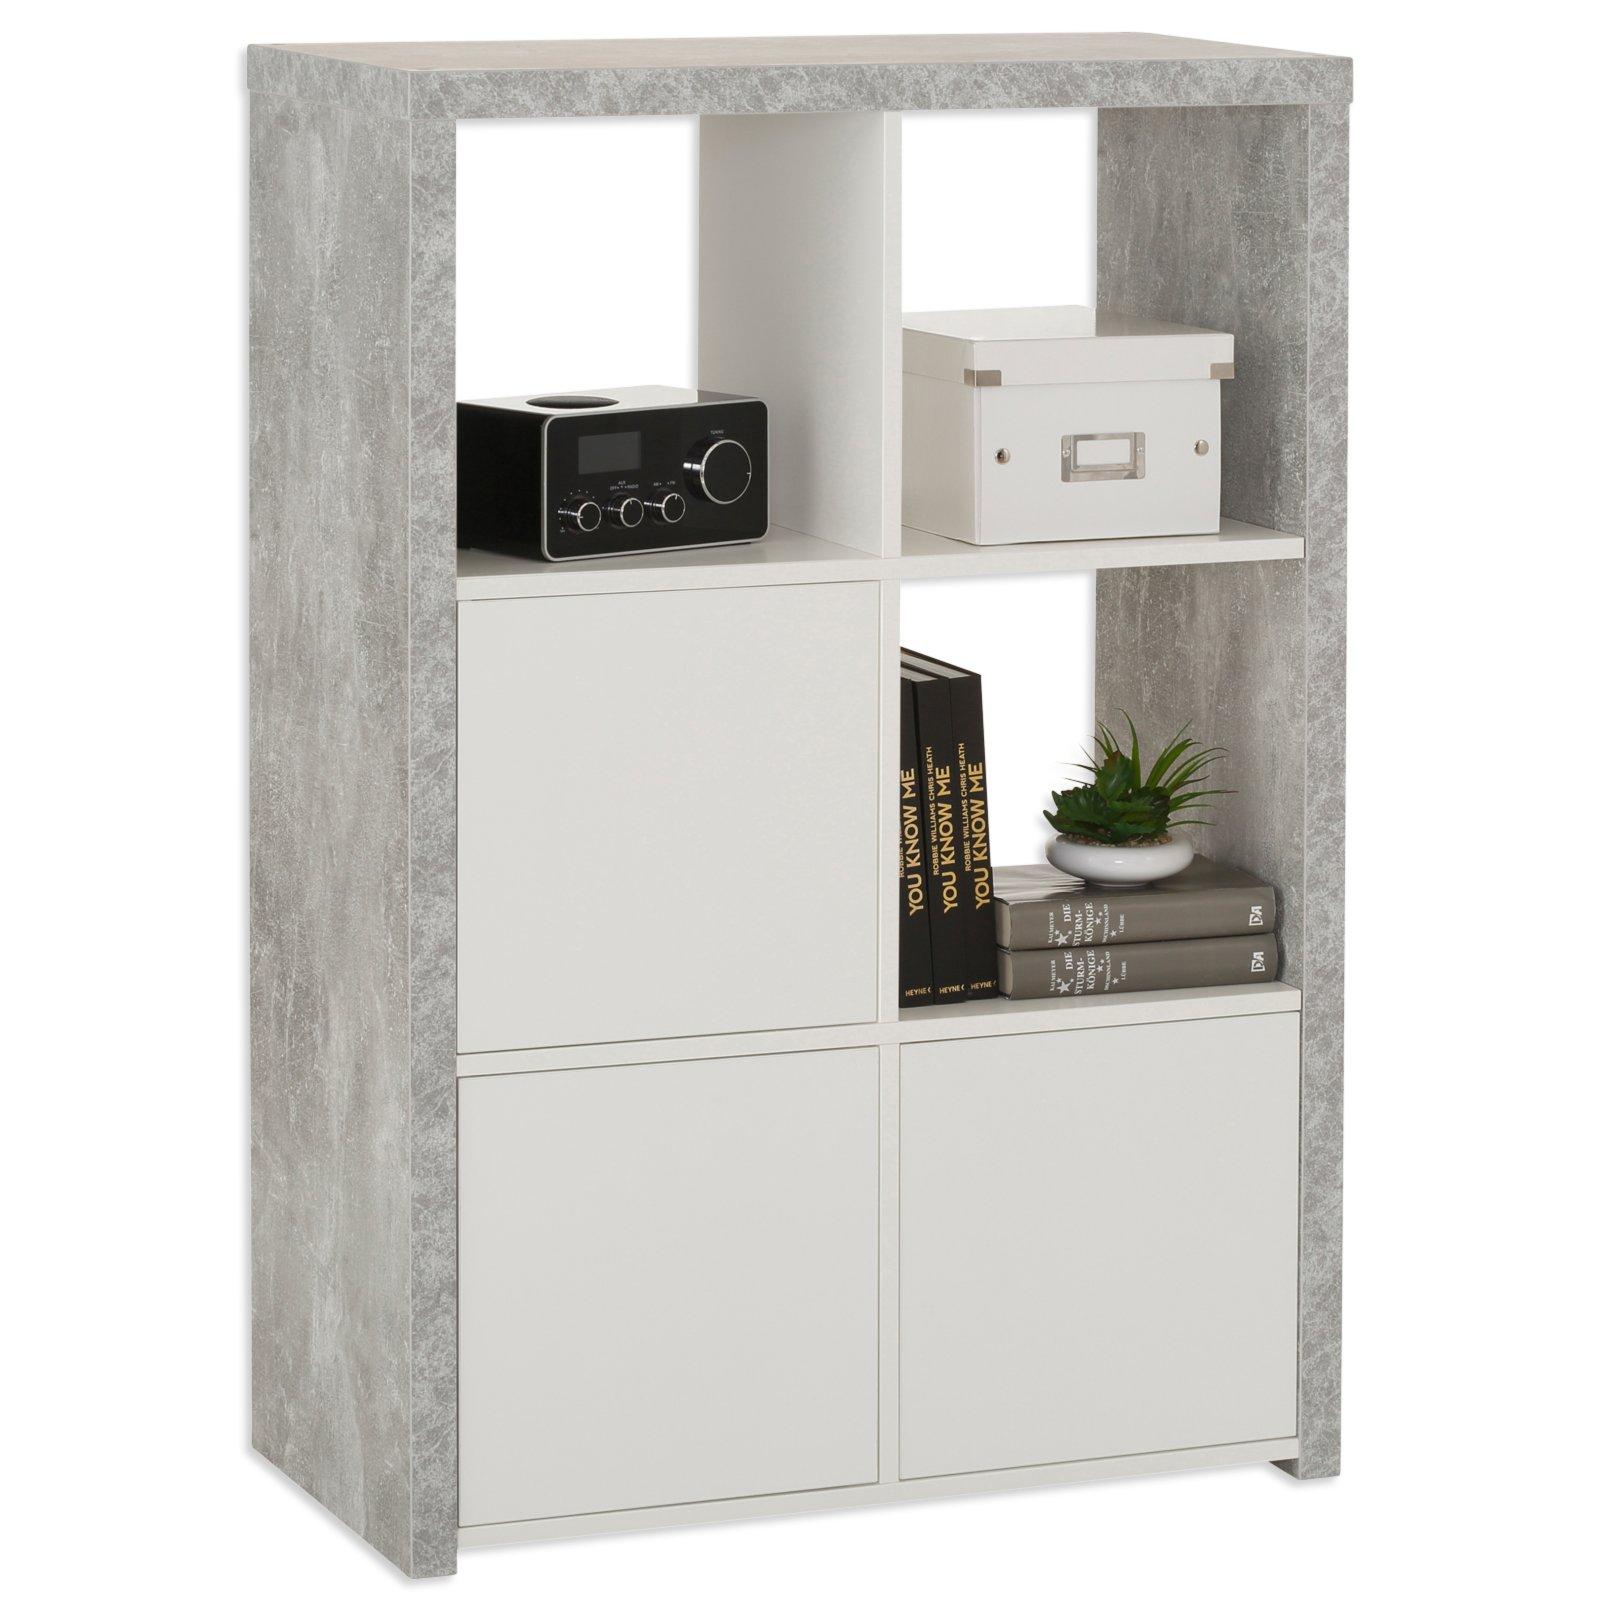 Regal MARTA - Beton-weiß - 3x2 Fächer | eBay